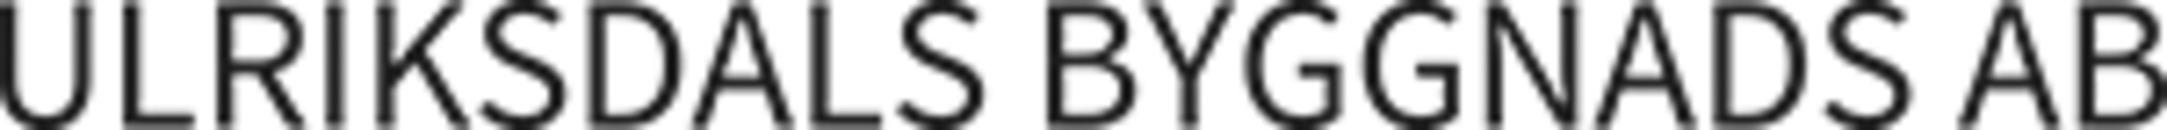 Ulriksdals Byggnads AB logo